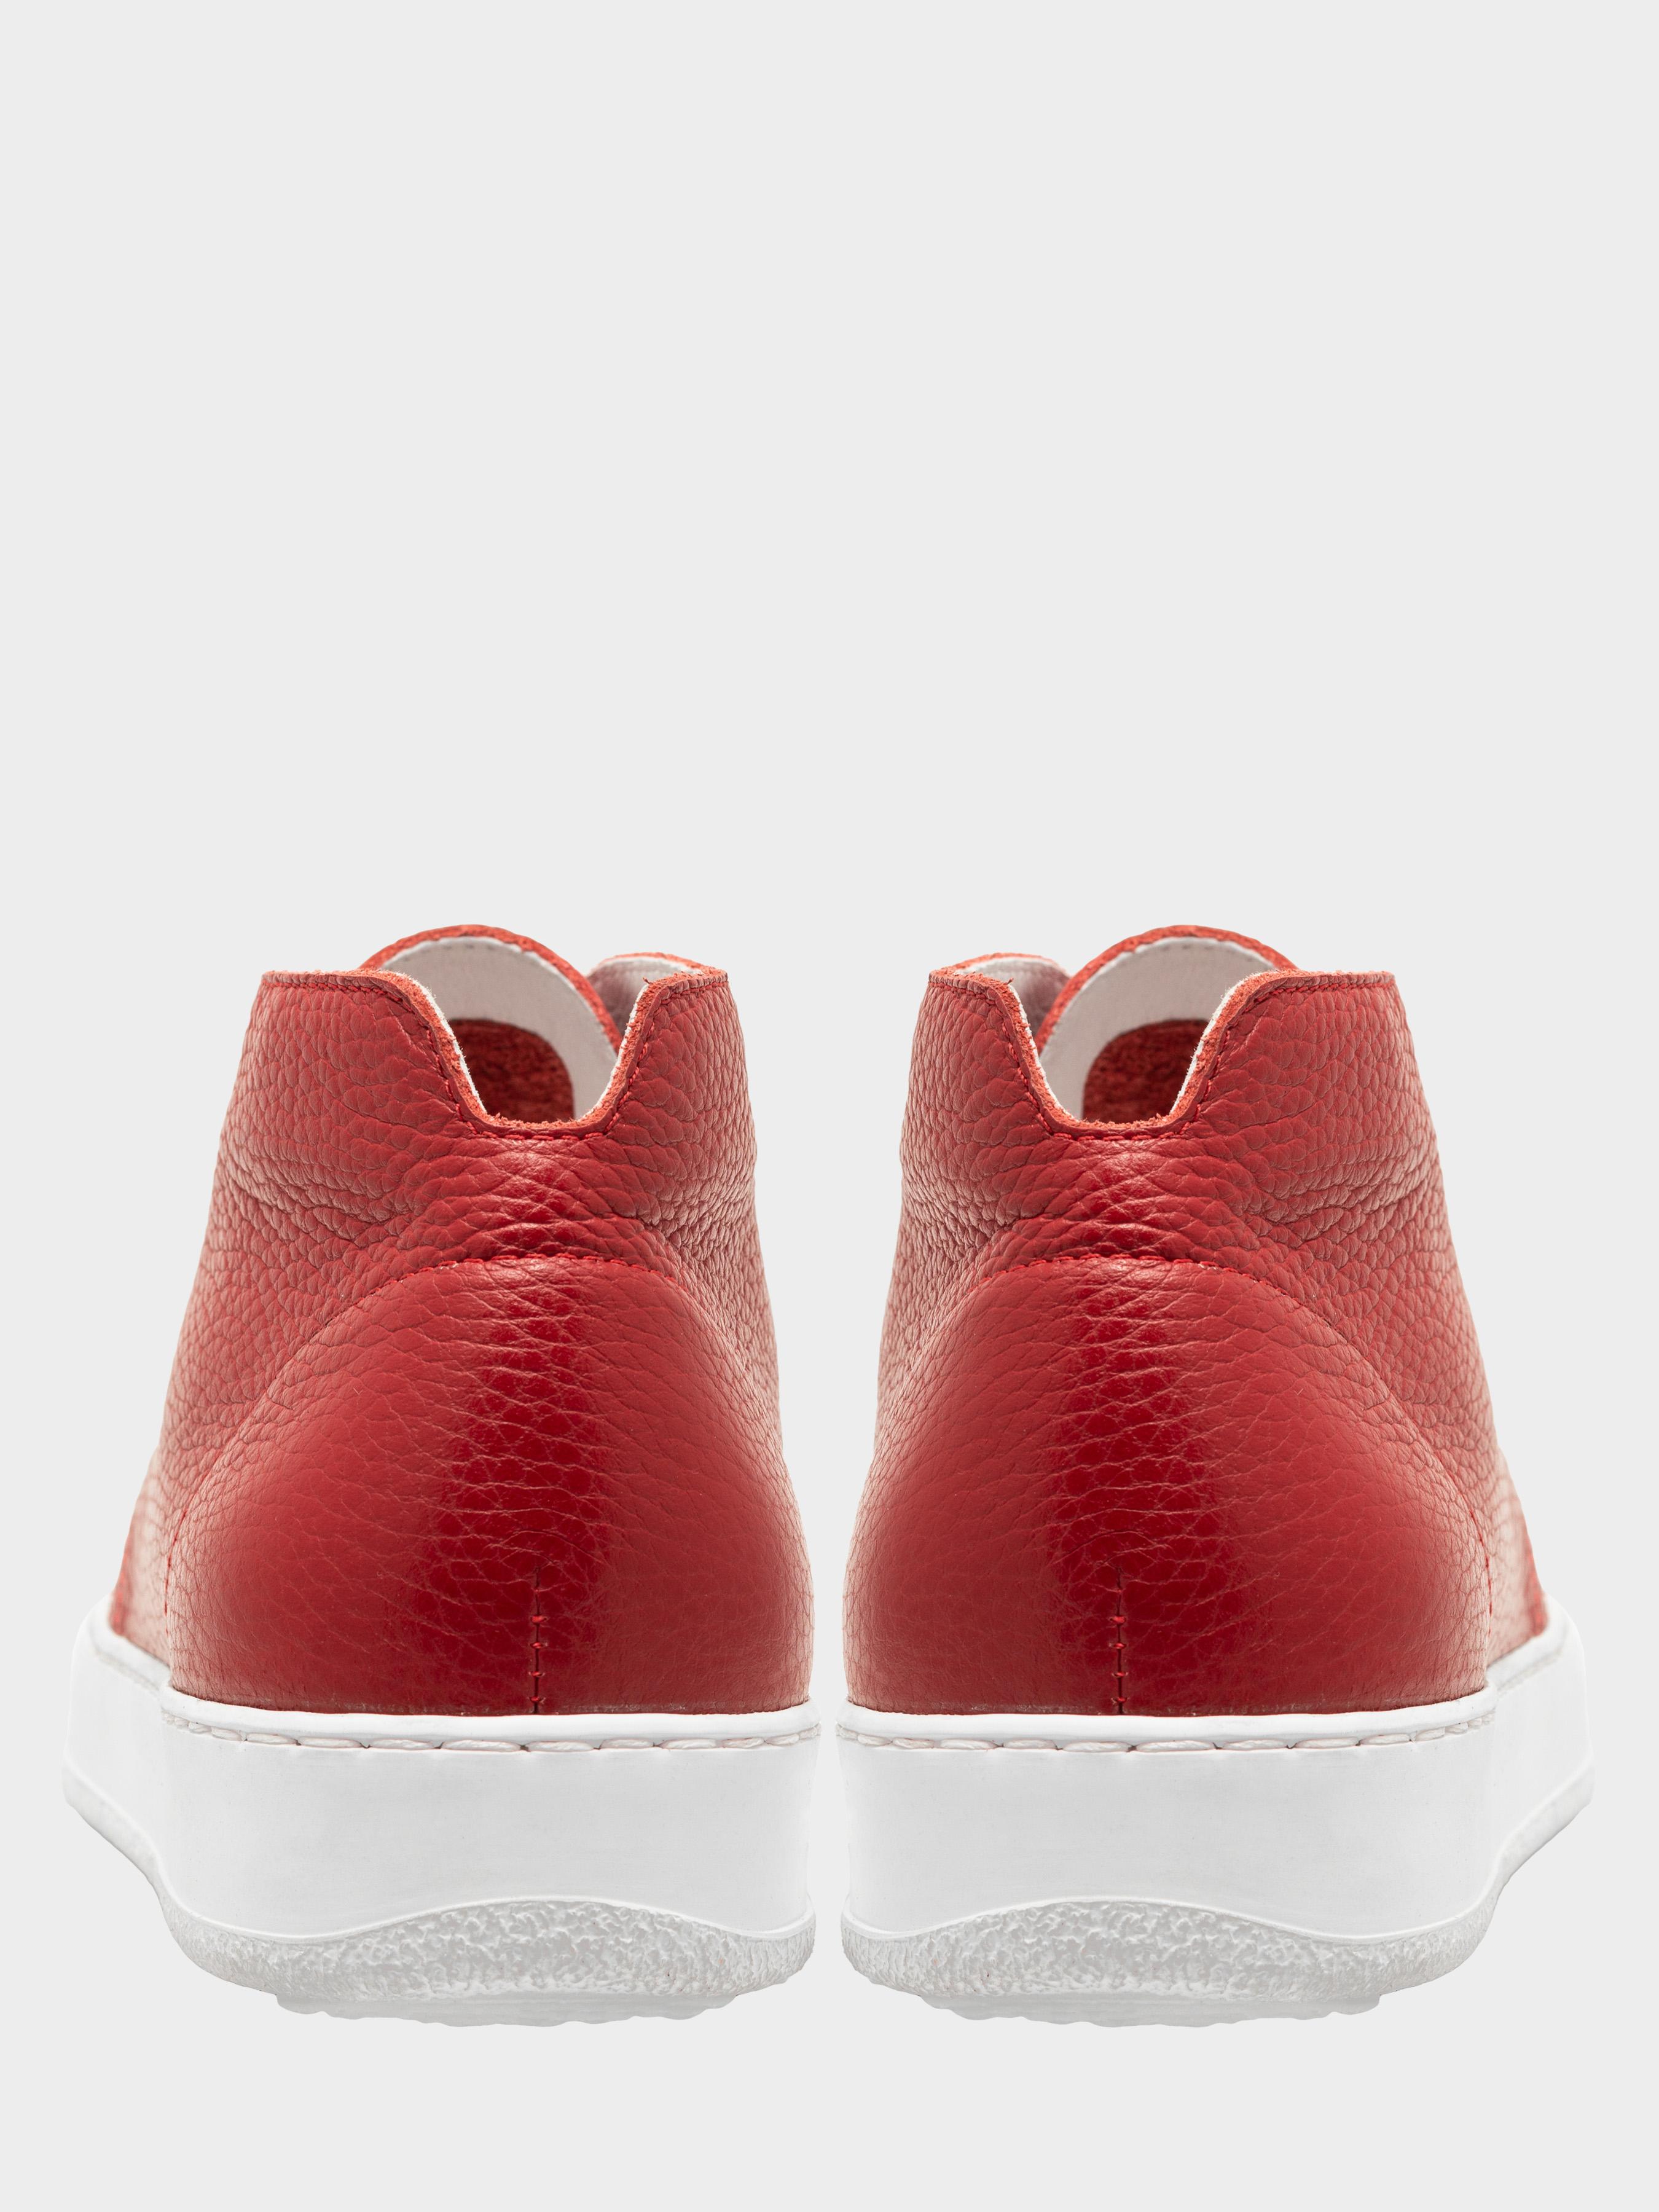 Ботинки для женщин Ботинки женские ENZO VERRATTI 18-1426-1r купить в Интертоп, 2017